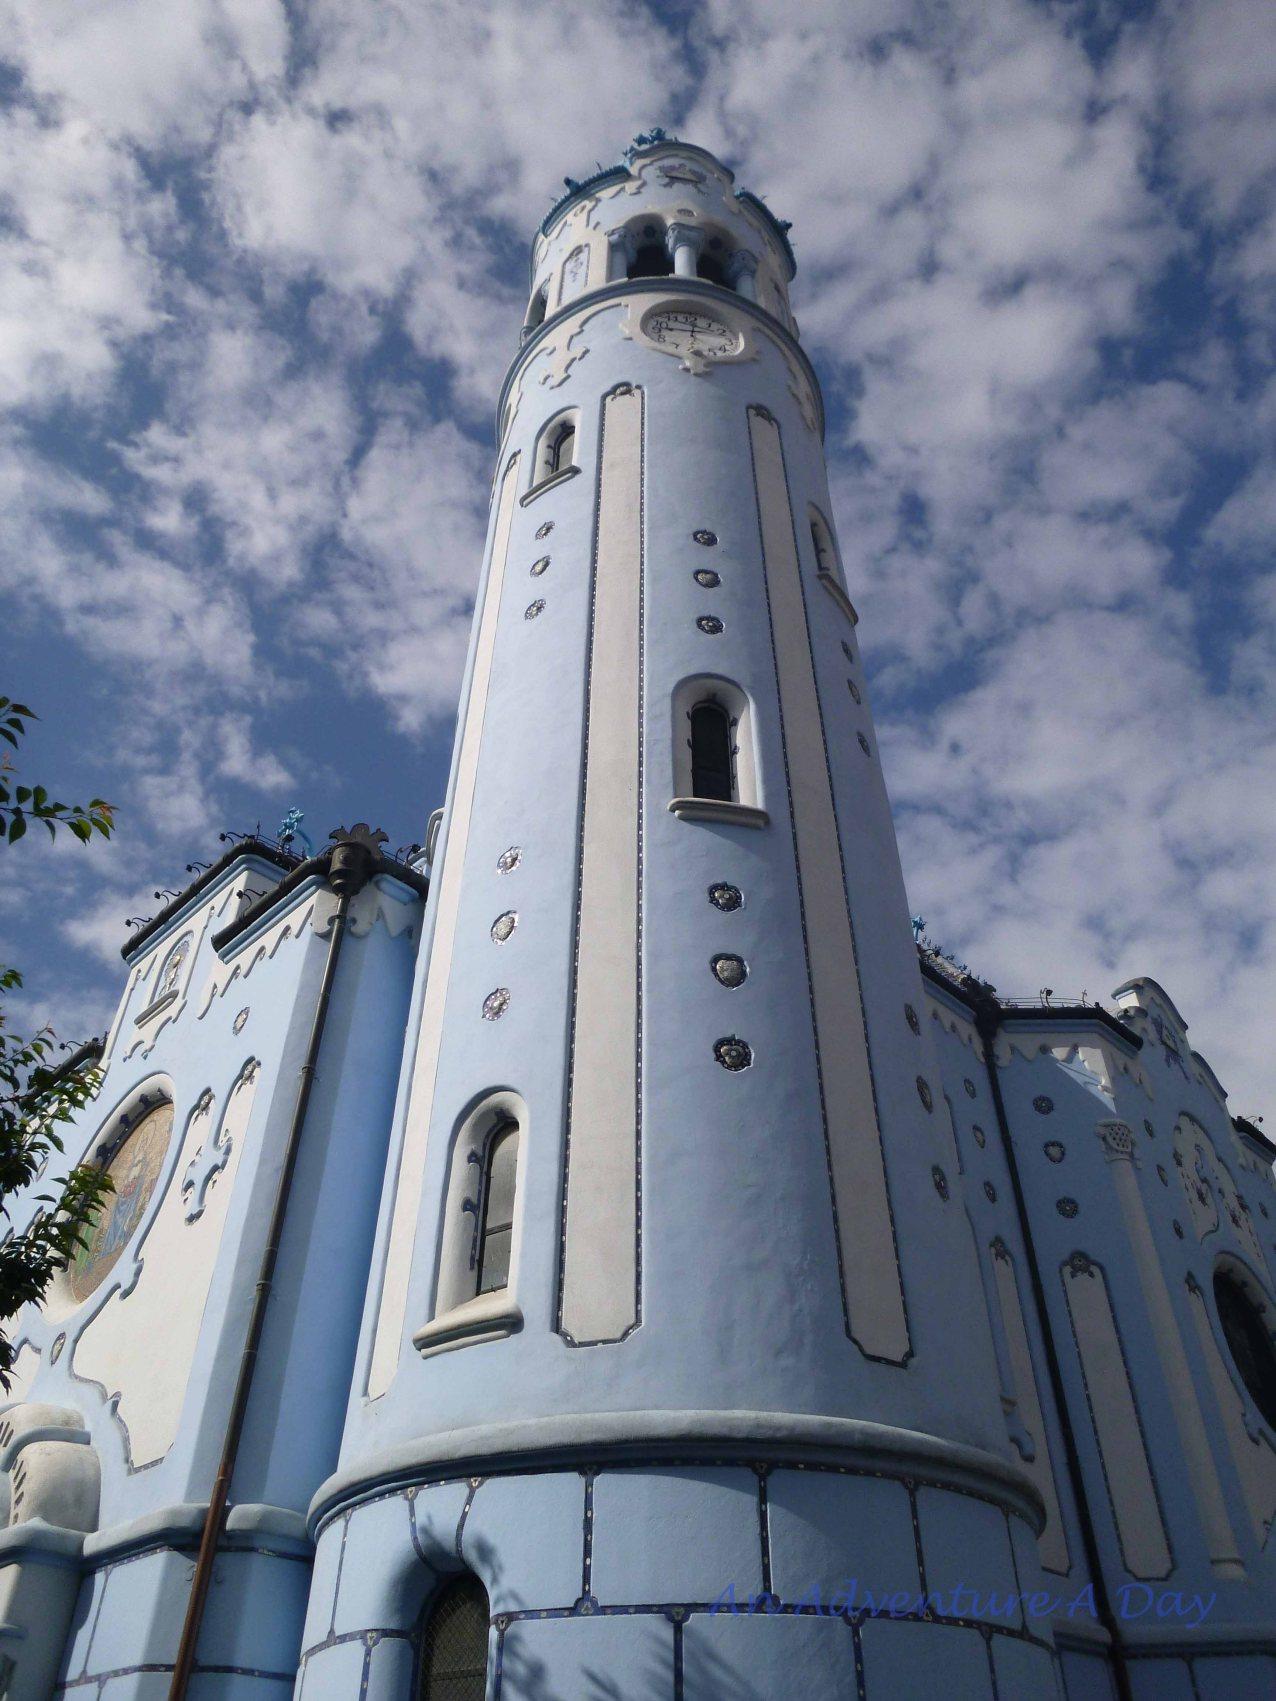 The exquisite Church of Saint Elizabeth in Bratislava.